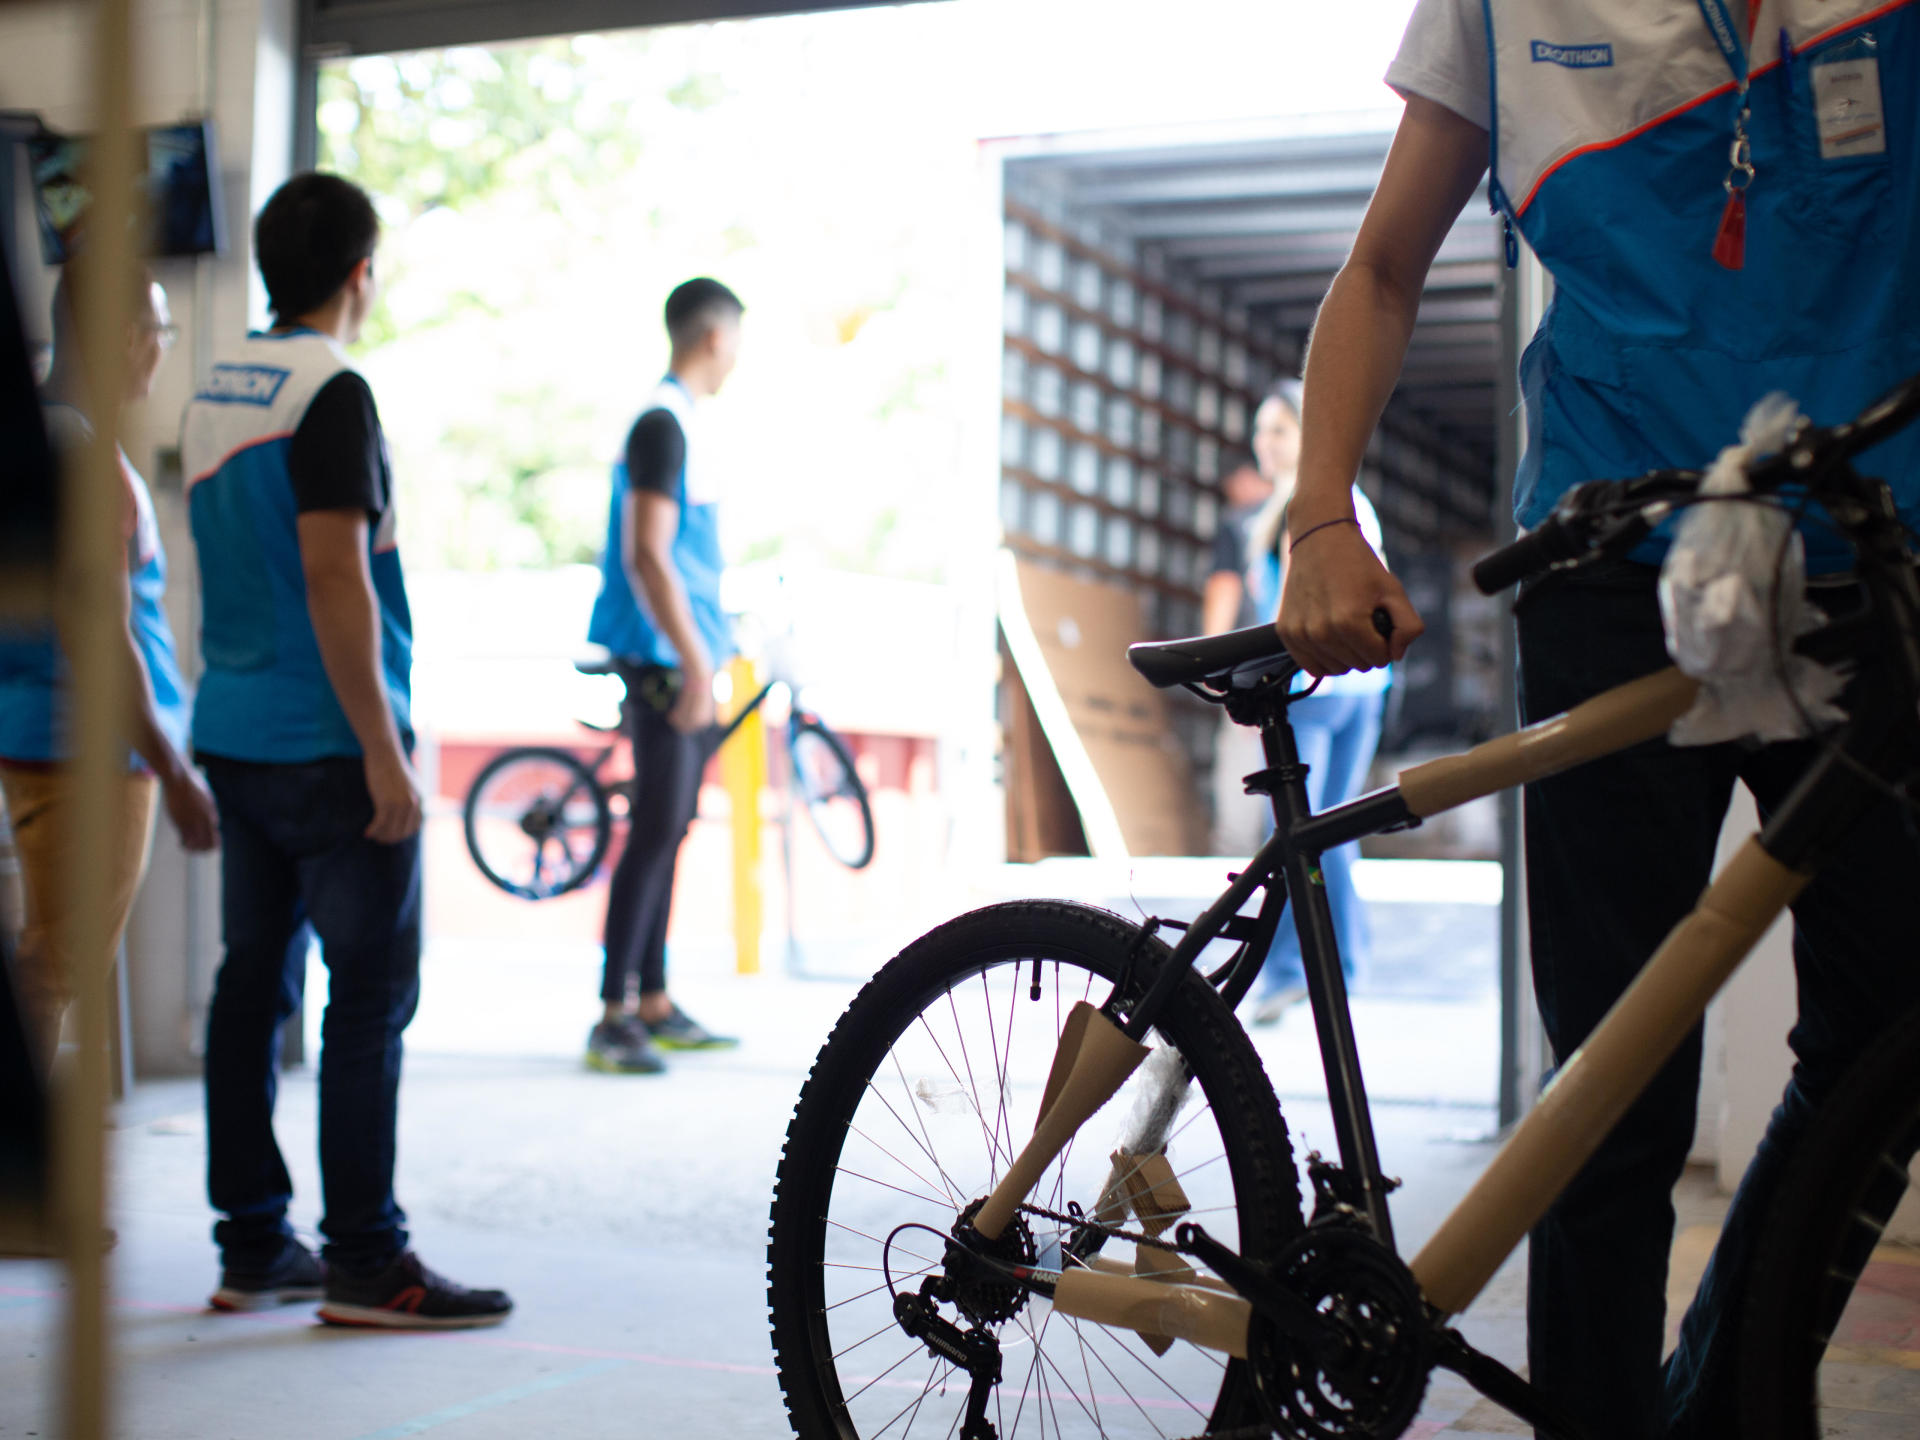 transports decathlon engagement developpement durable